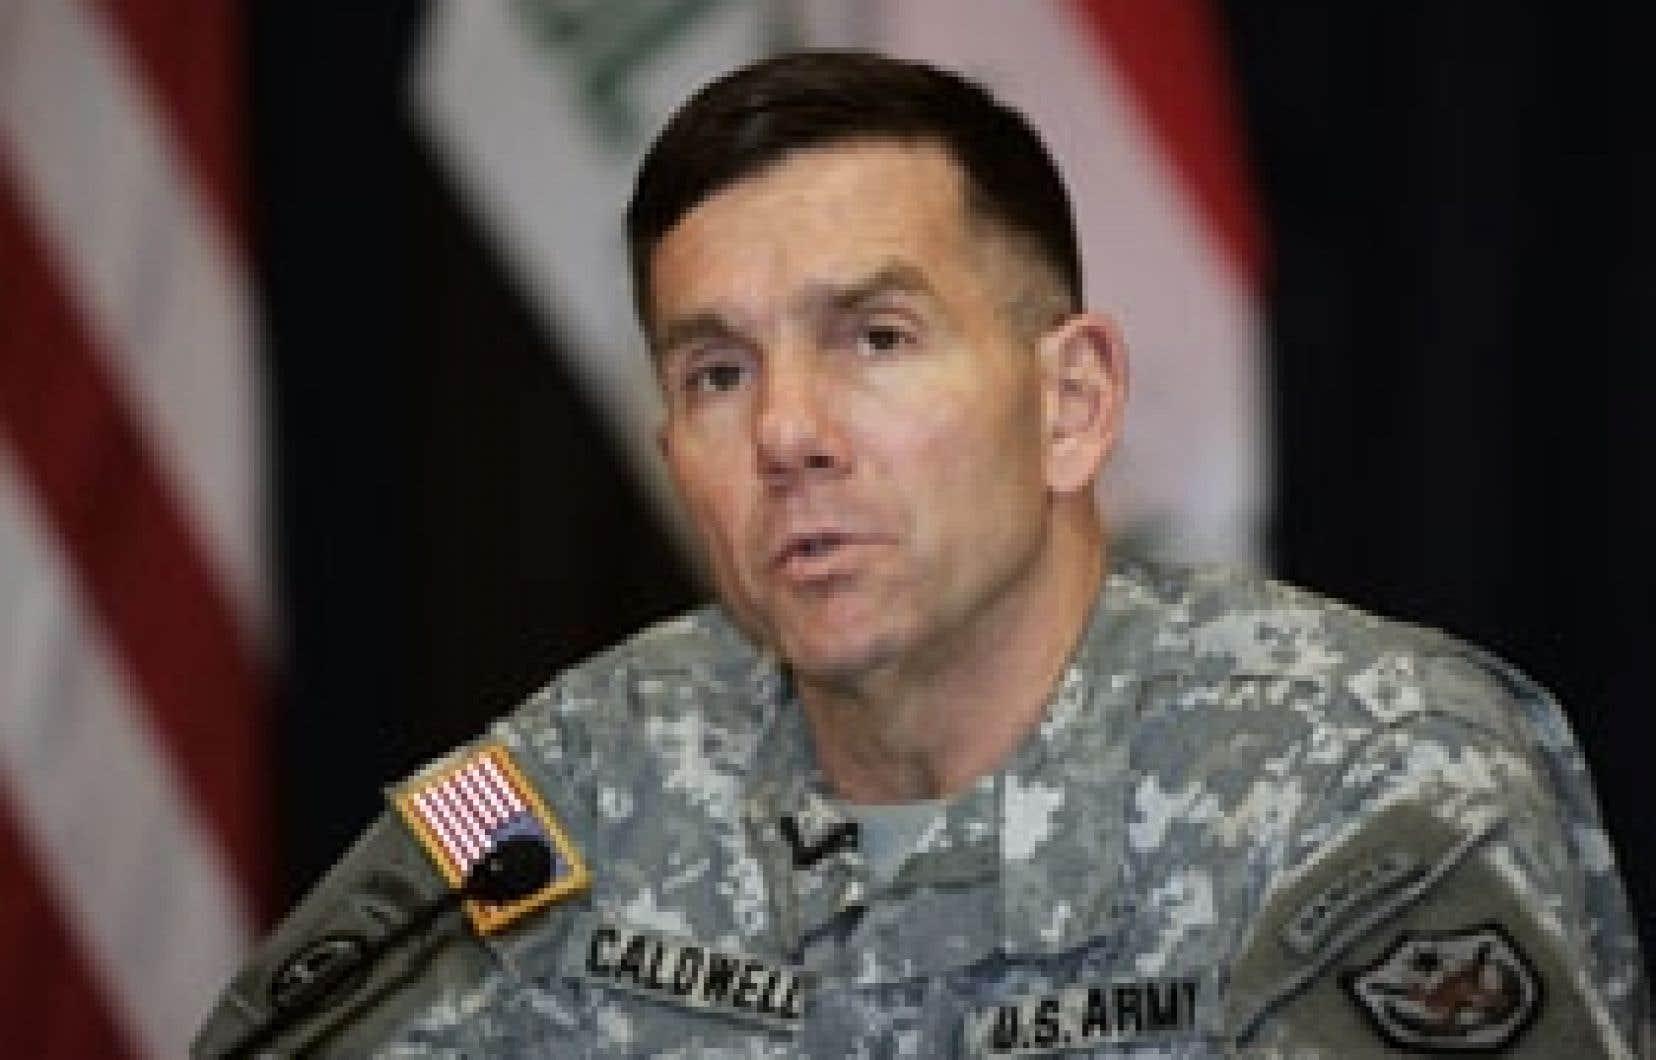 Le général américain William Caldwell a déclaré hier à Bagdad que l'offensive promise par le gouvernement irakien pour faire cesser les violences ne donnerait pas de résultats du jour au lendemain.